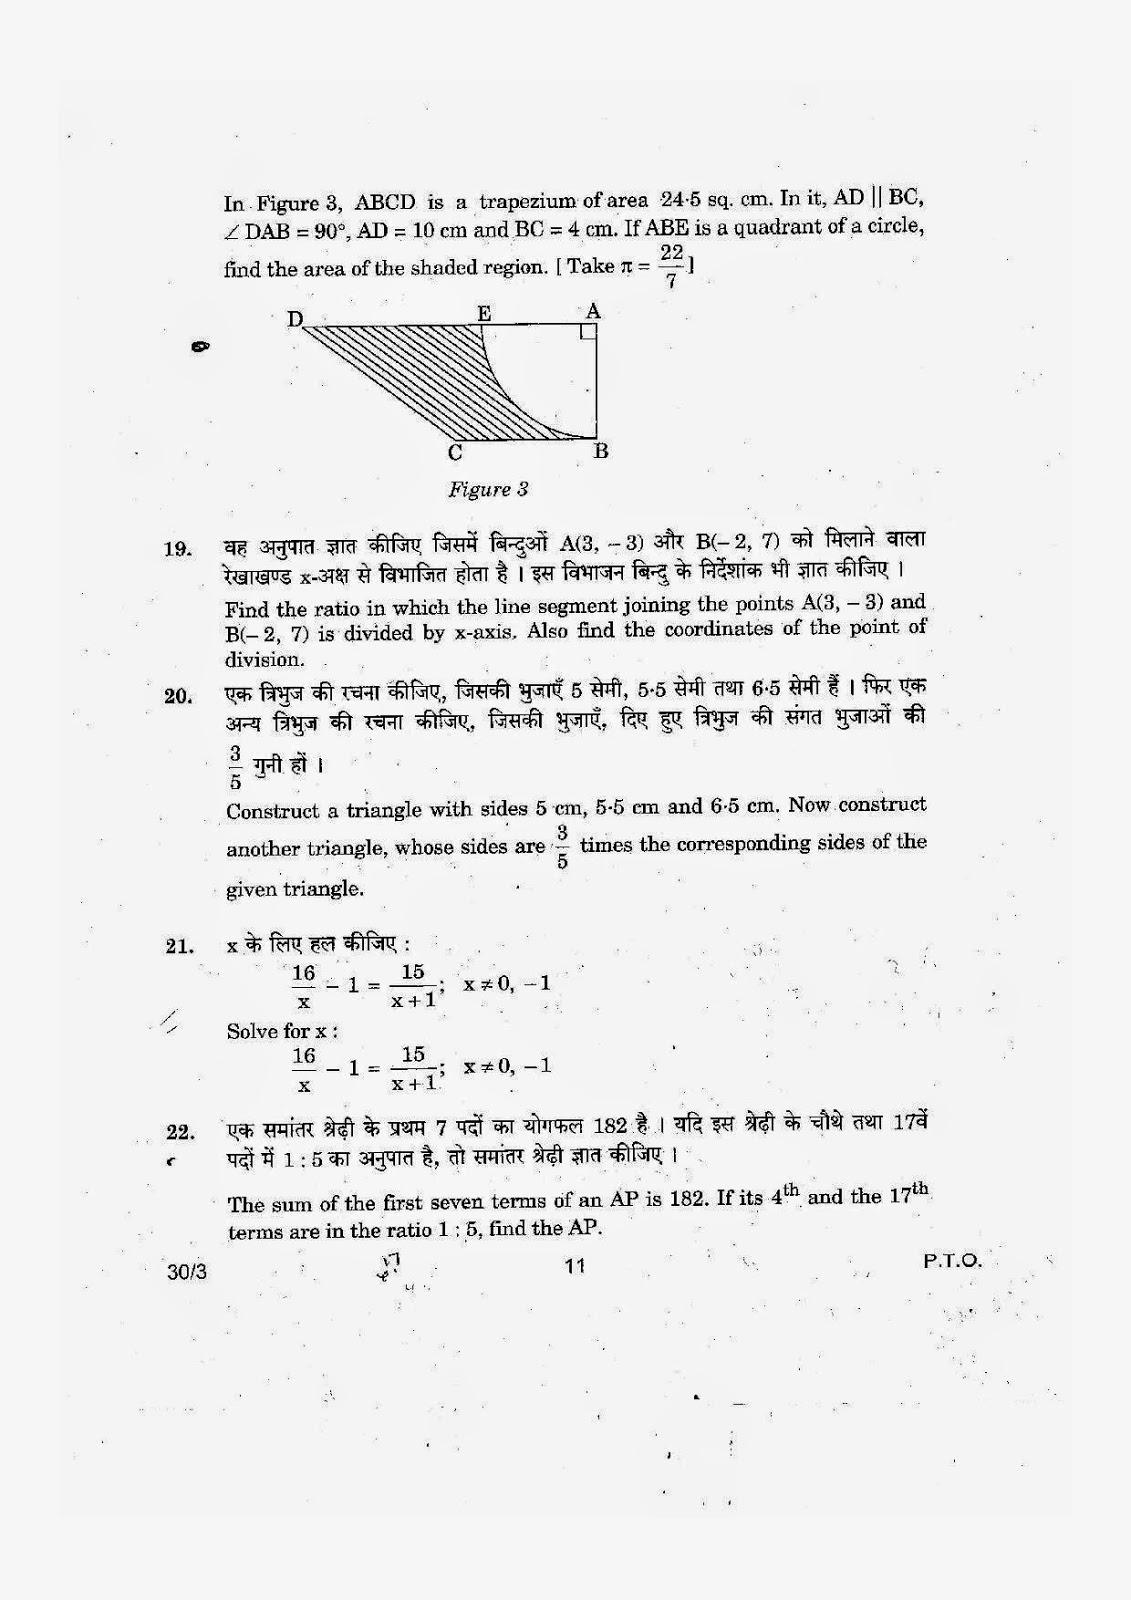 cbse class 10th mathematics question paper 2014